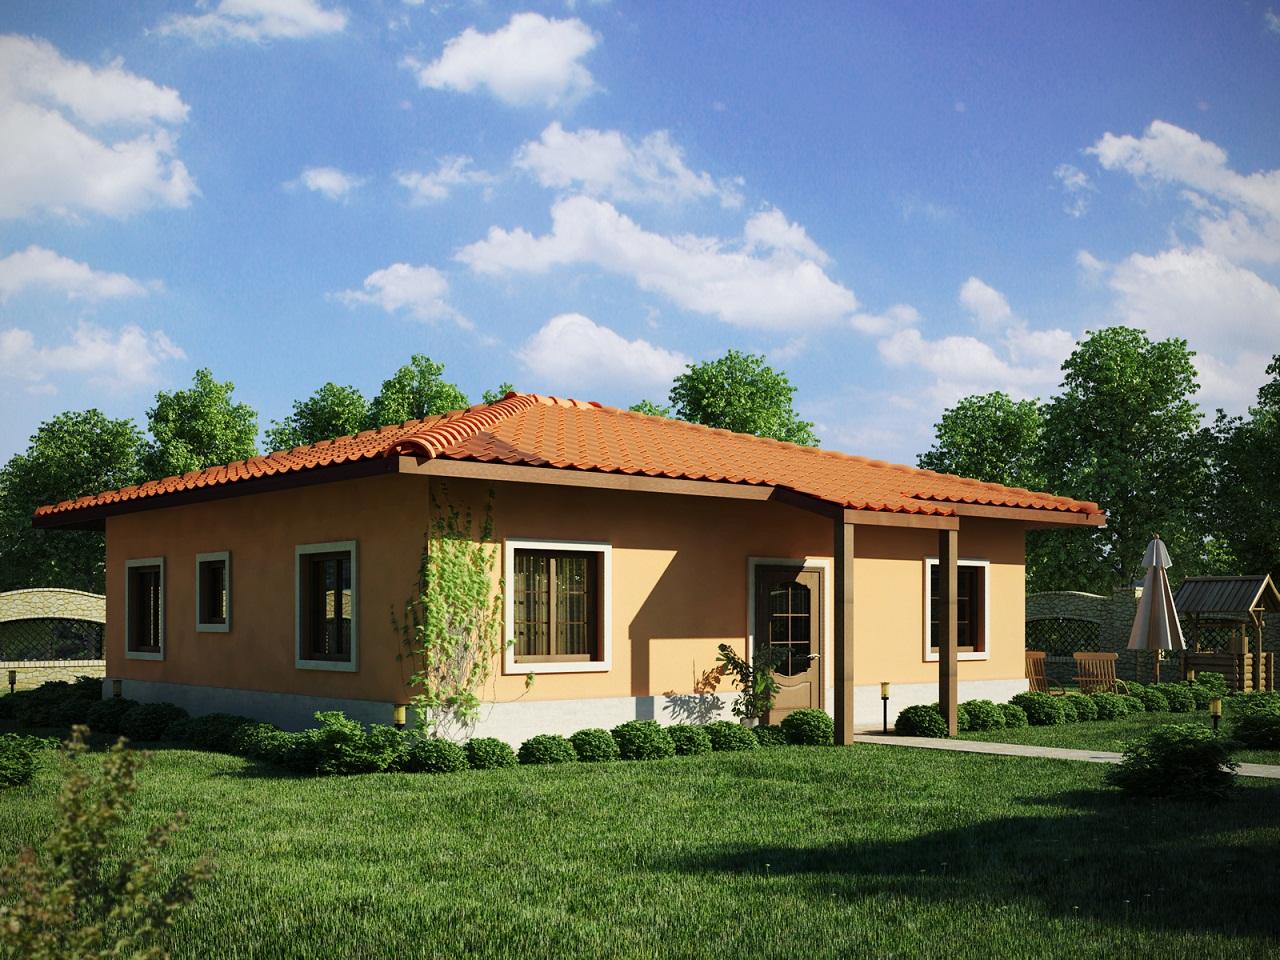 Ver fotos de casas bonitas escoja y vote por sus fotos de - Casas de campo bonitas ...